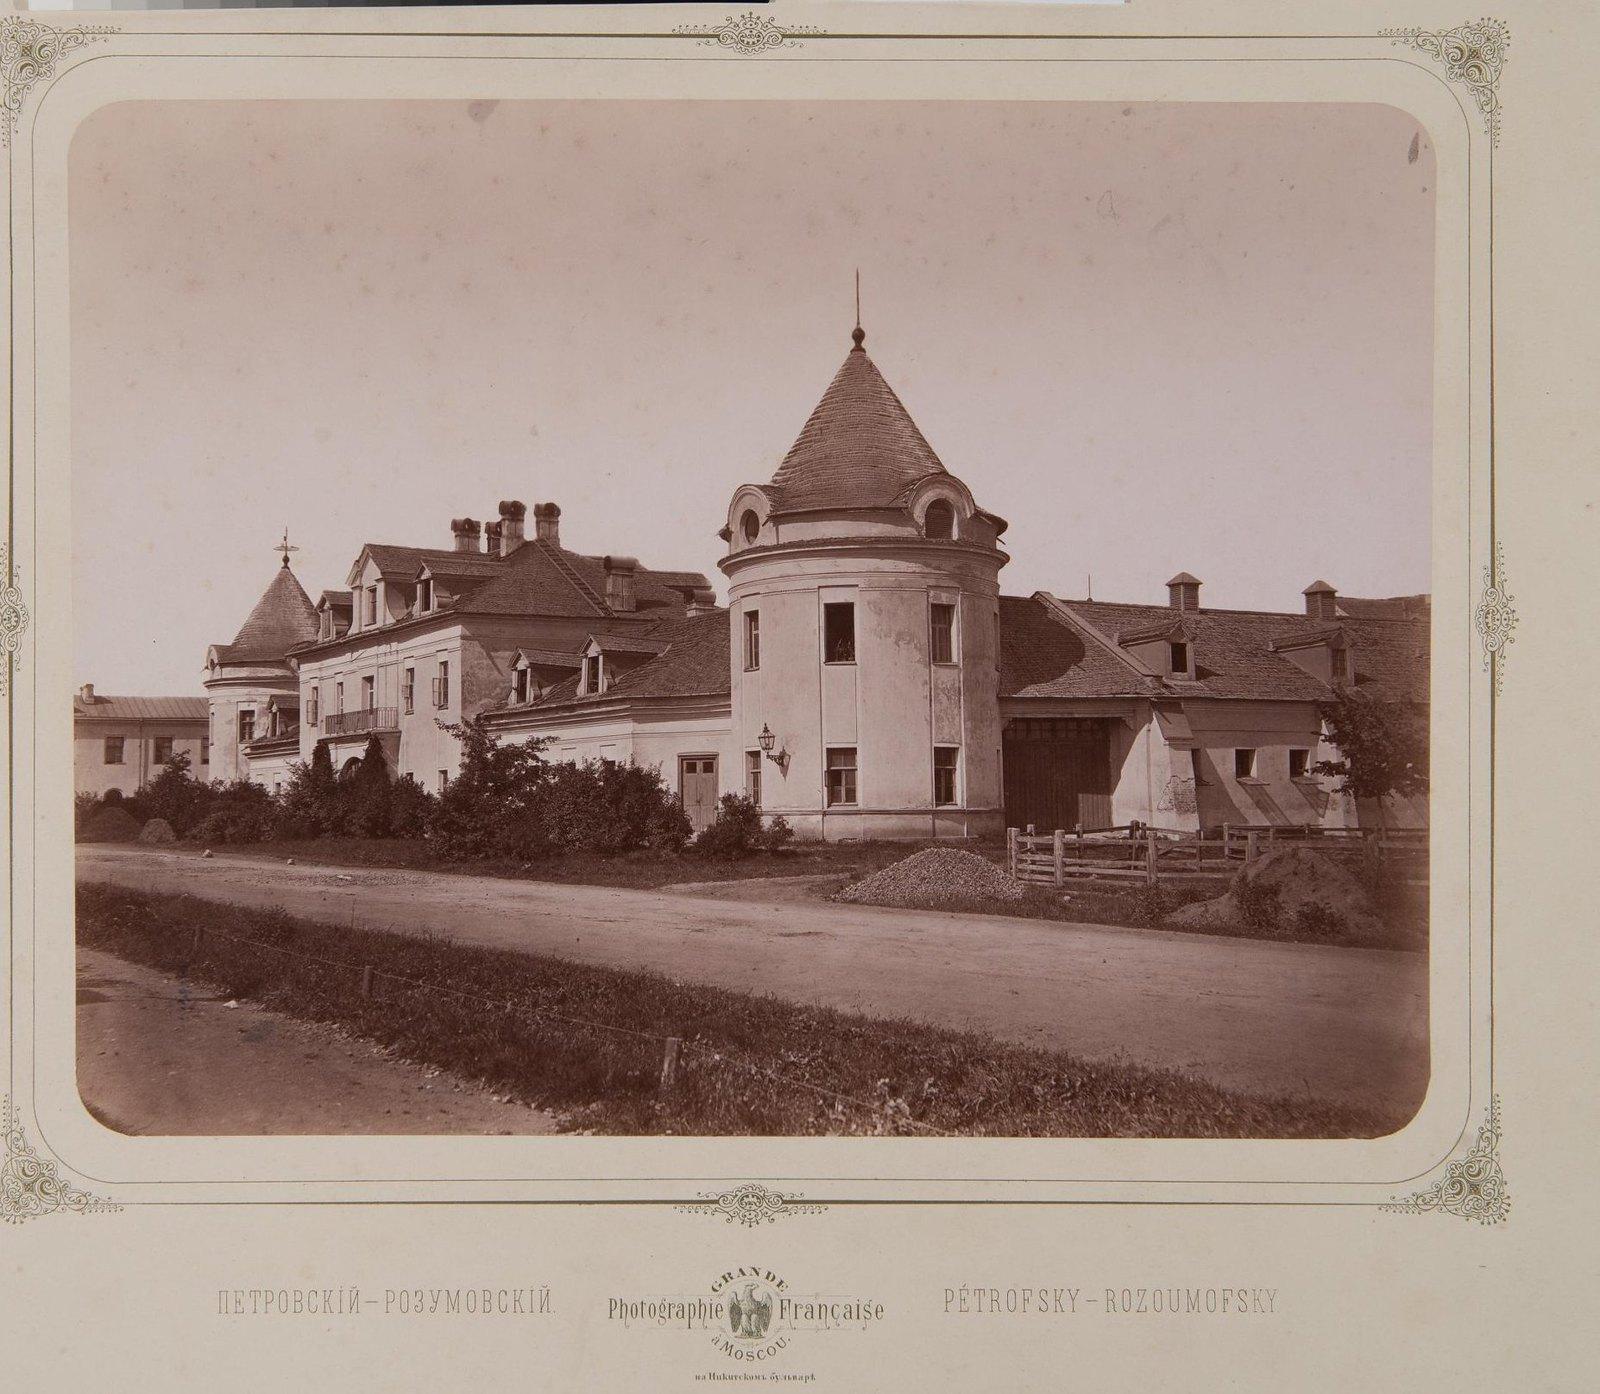 1870-е. Хозяйственный корпус в Петровско-Разумовском